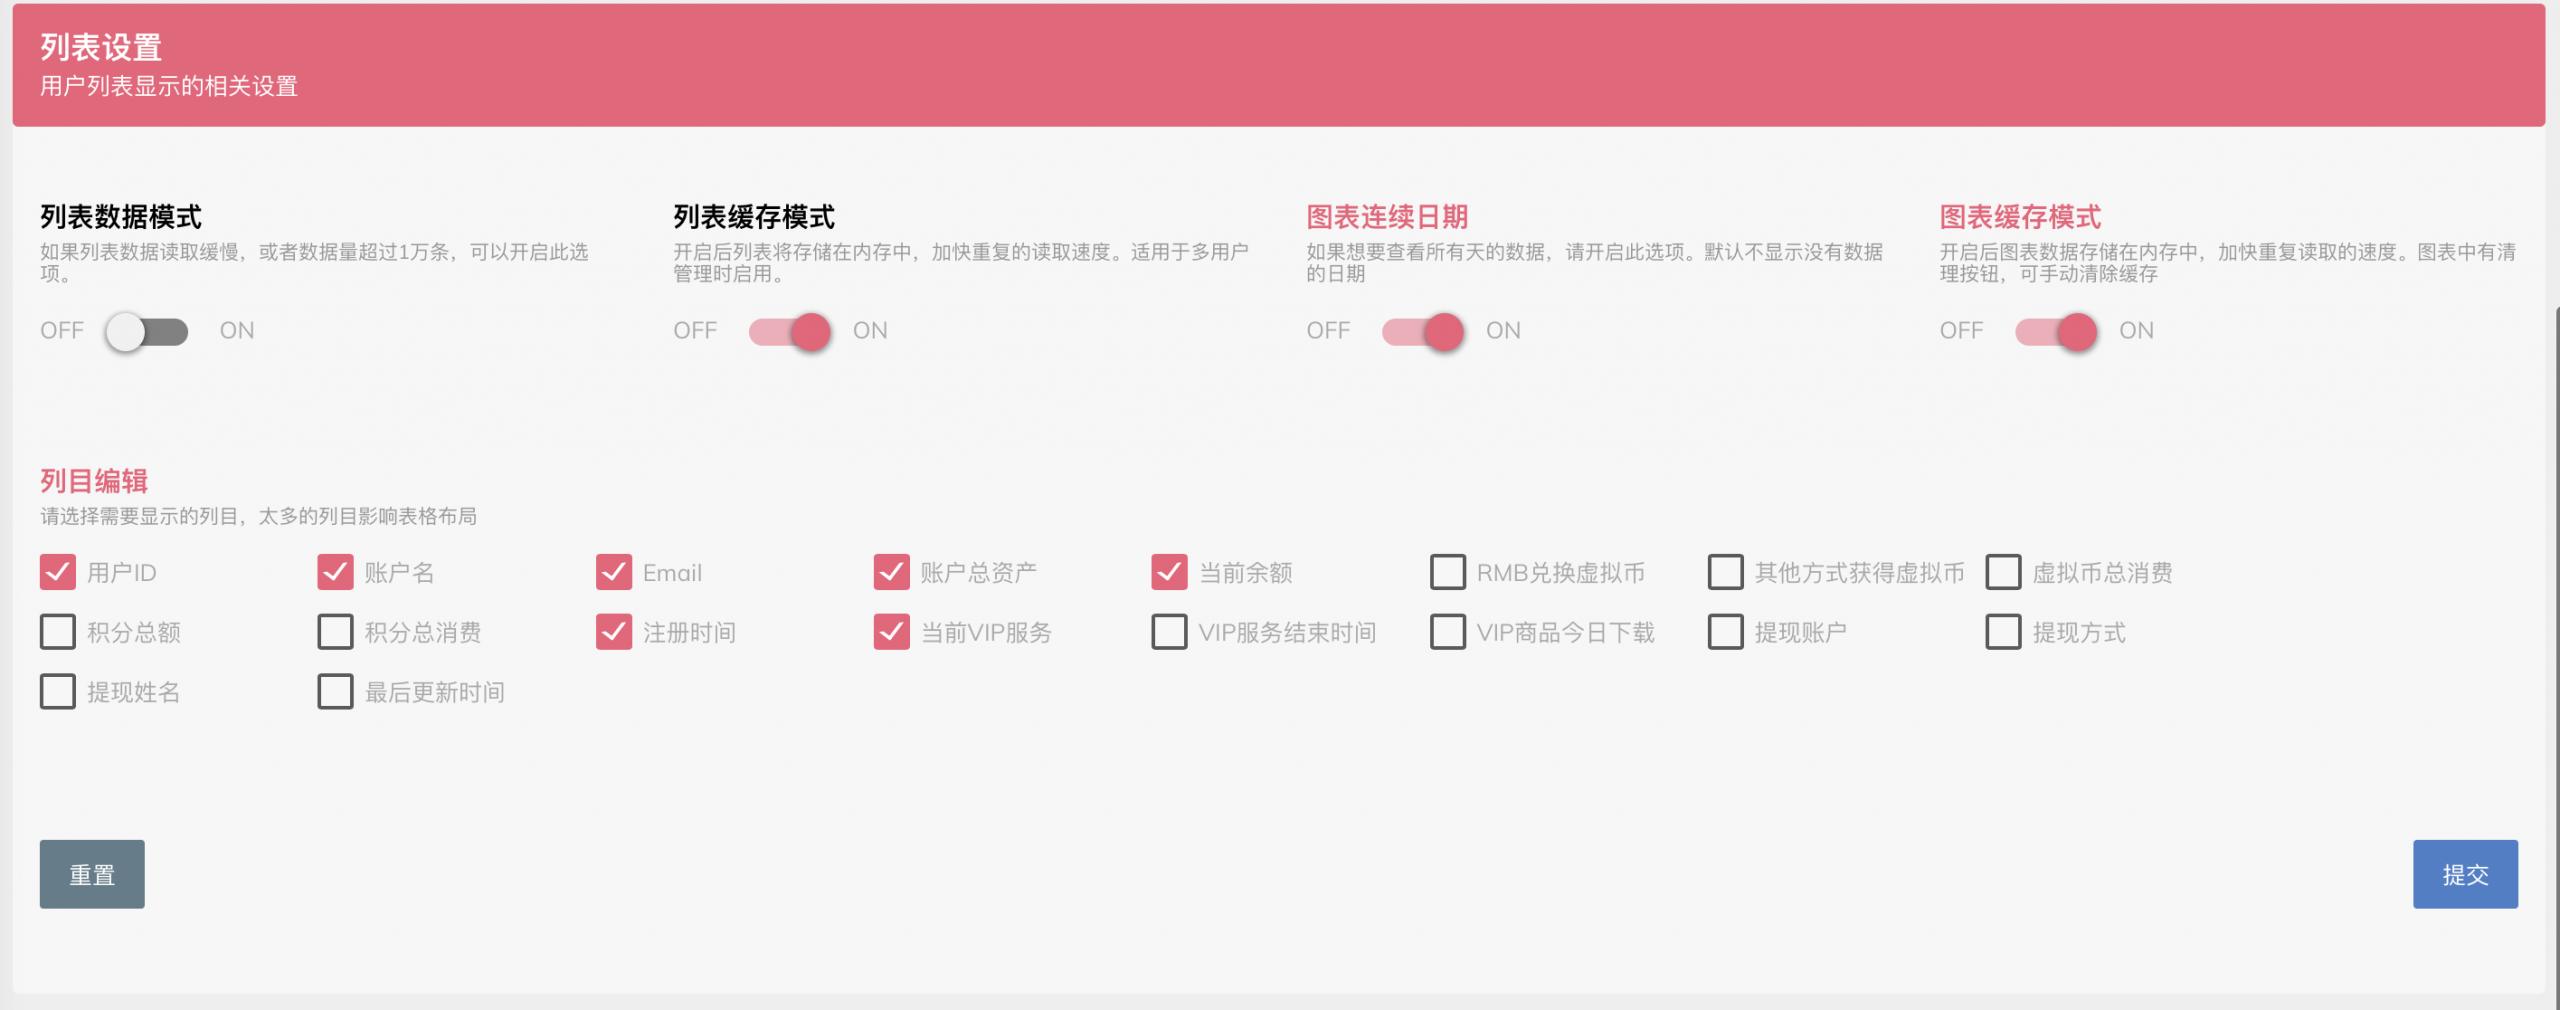 注册用户:按时间先后,查看每日注册用户数量。